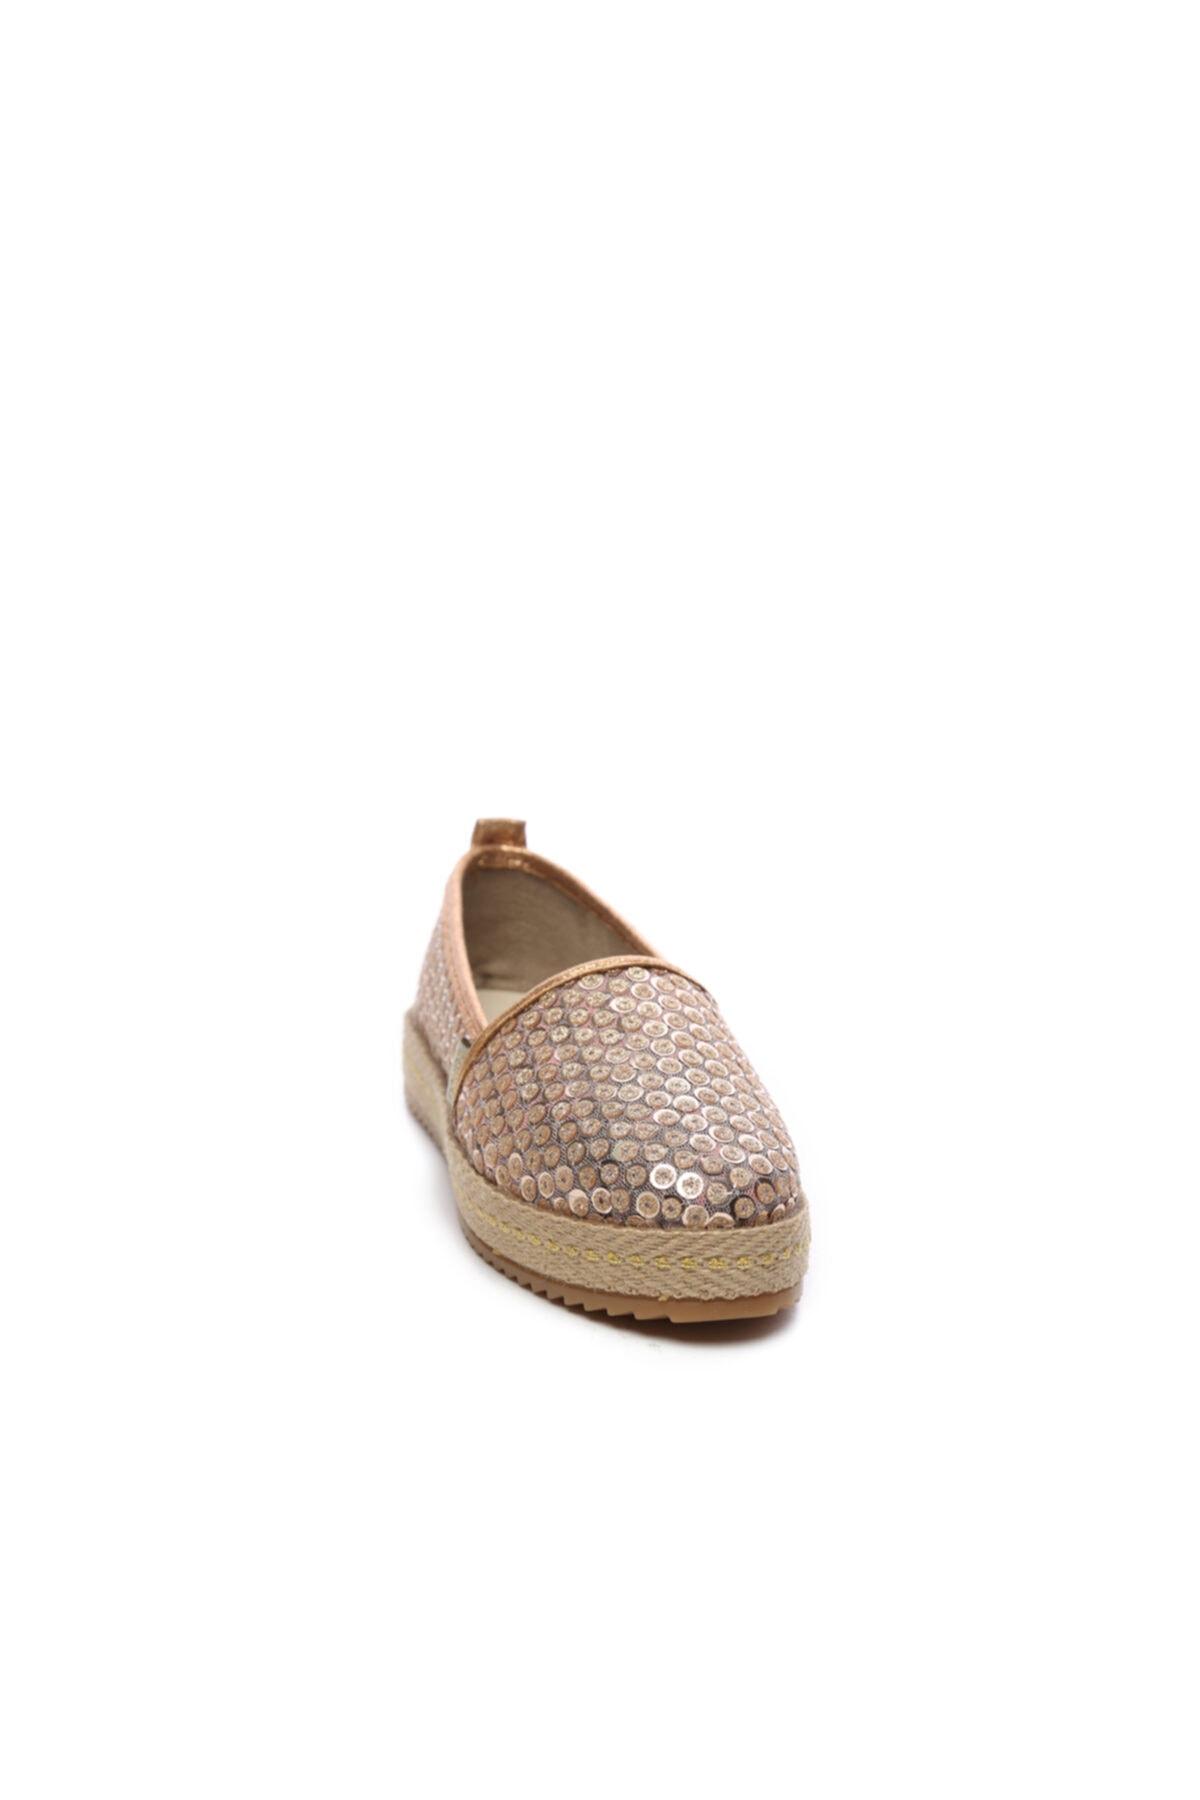 KEMAL TANCA Çocuk Casual Ayakkabı 604 101-n Kız Ayk 31-36 2